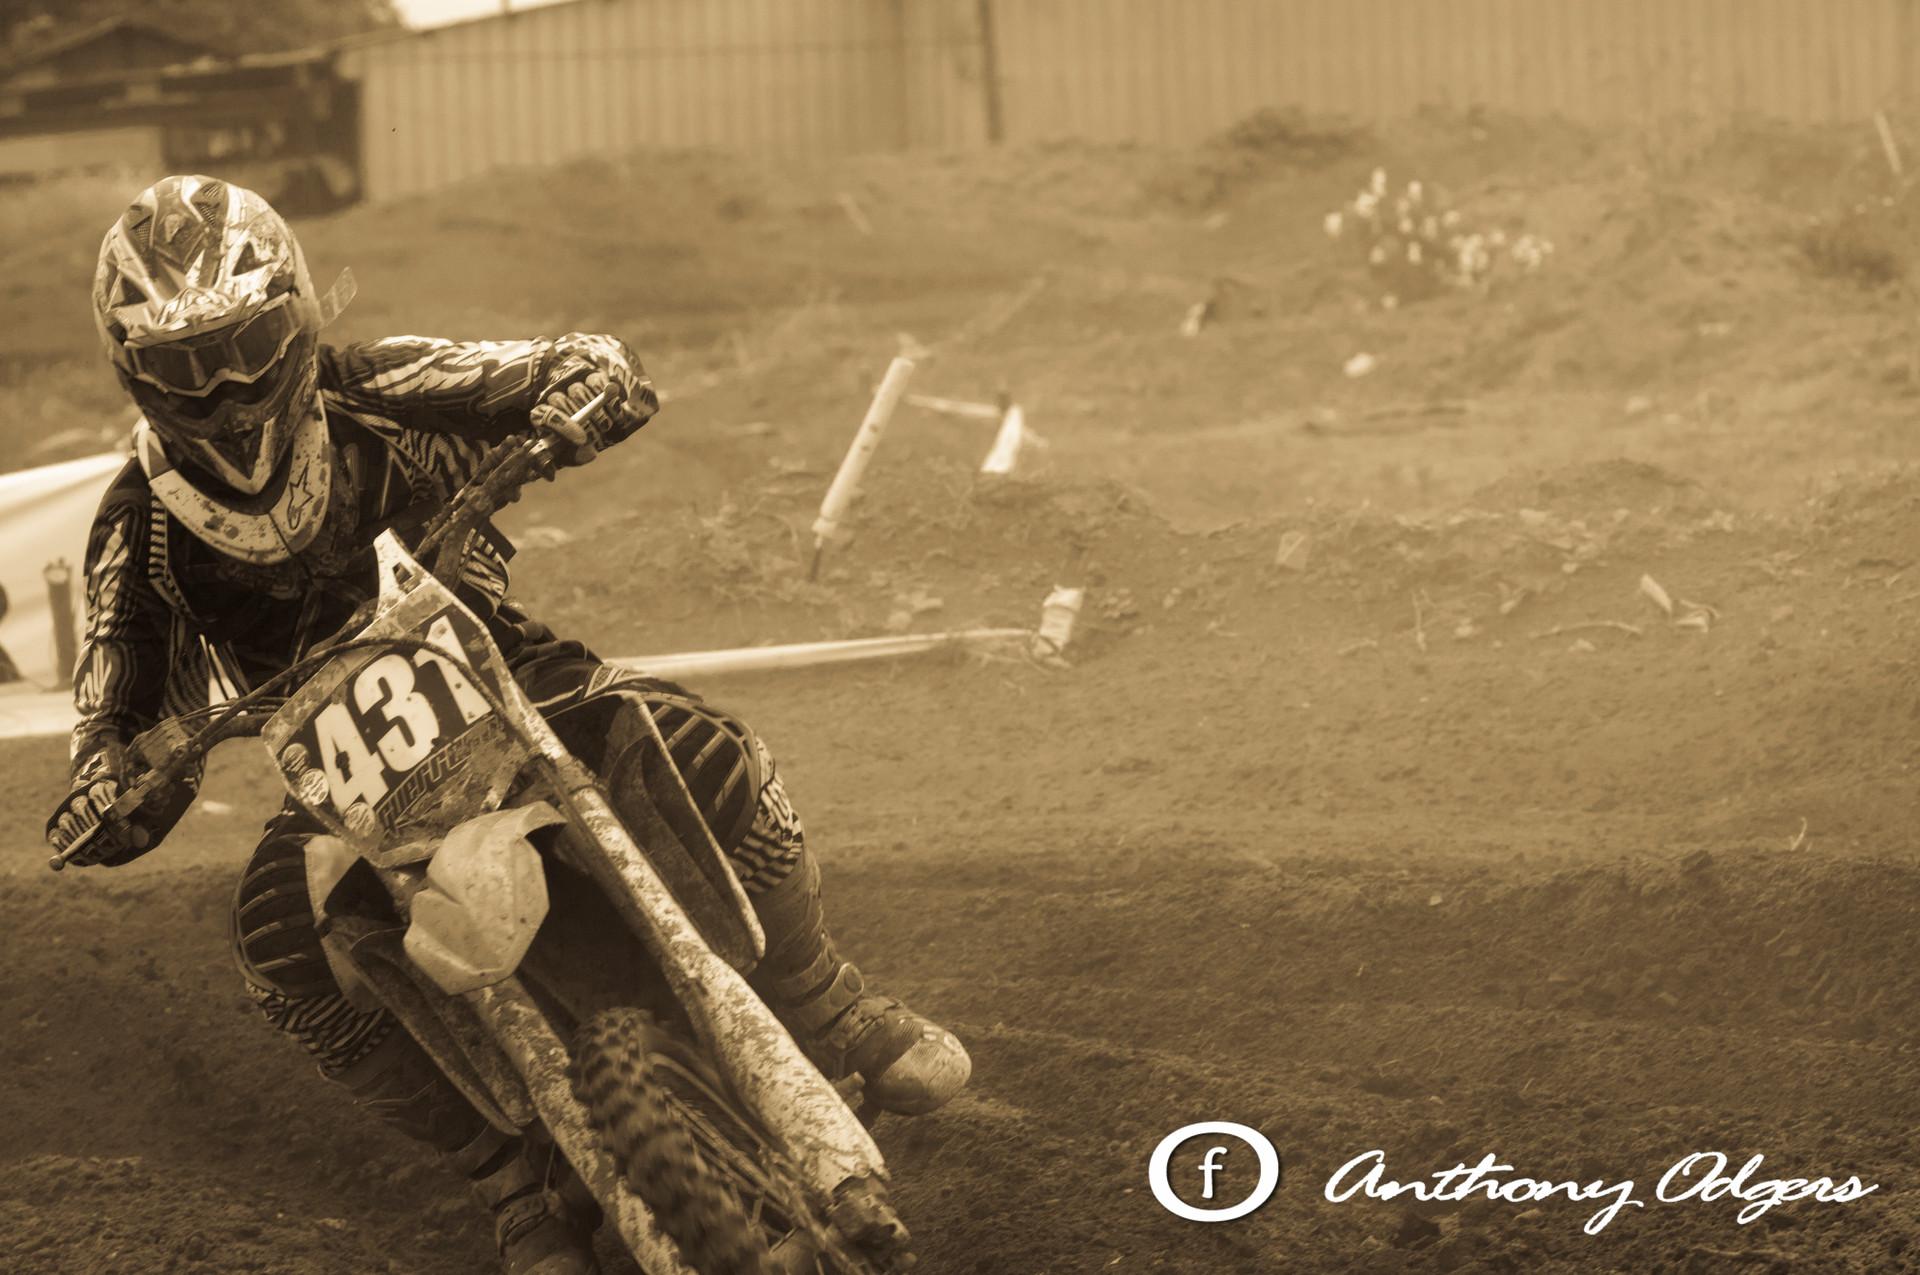 2013-01-06-Motocross Enduro-7.jpg